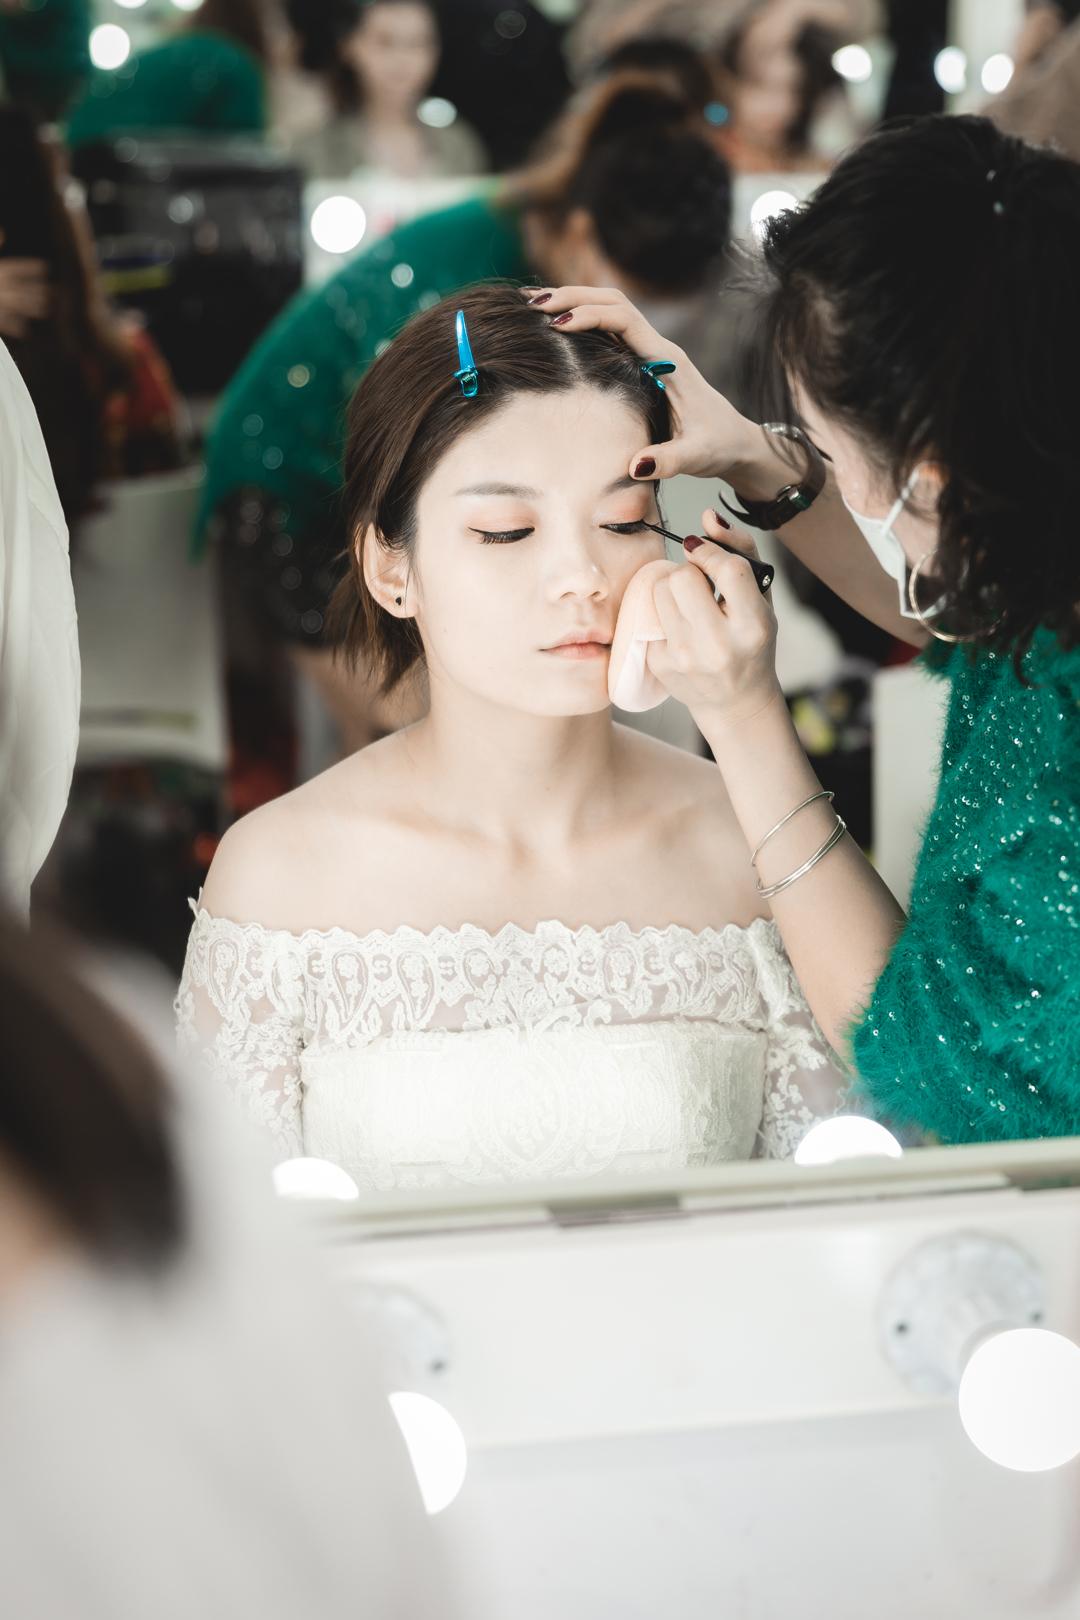 学习化妆去哪里好?哪里好找工作?